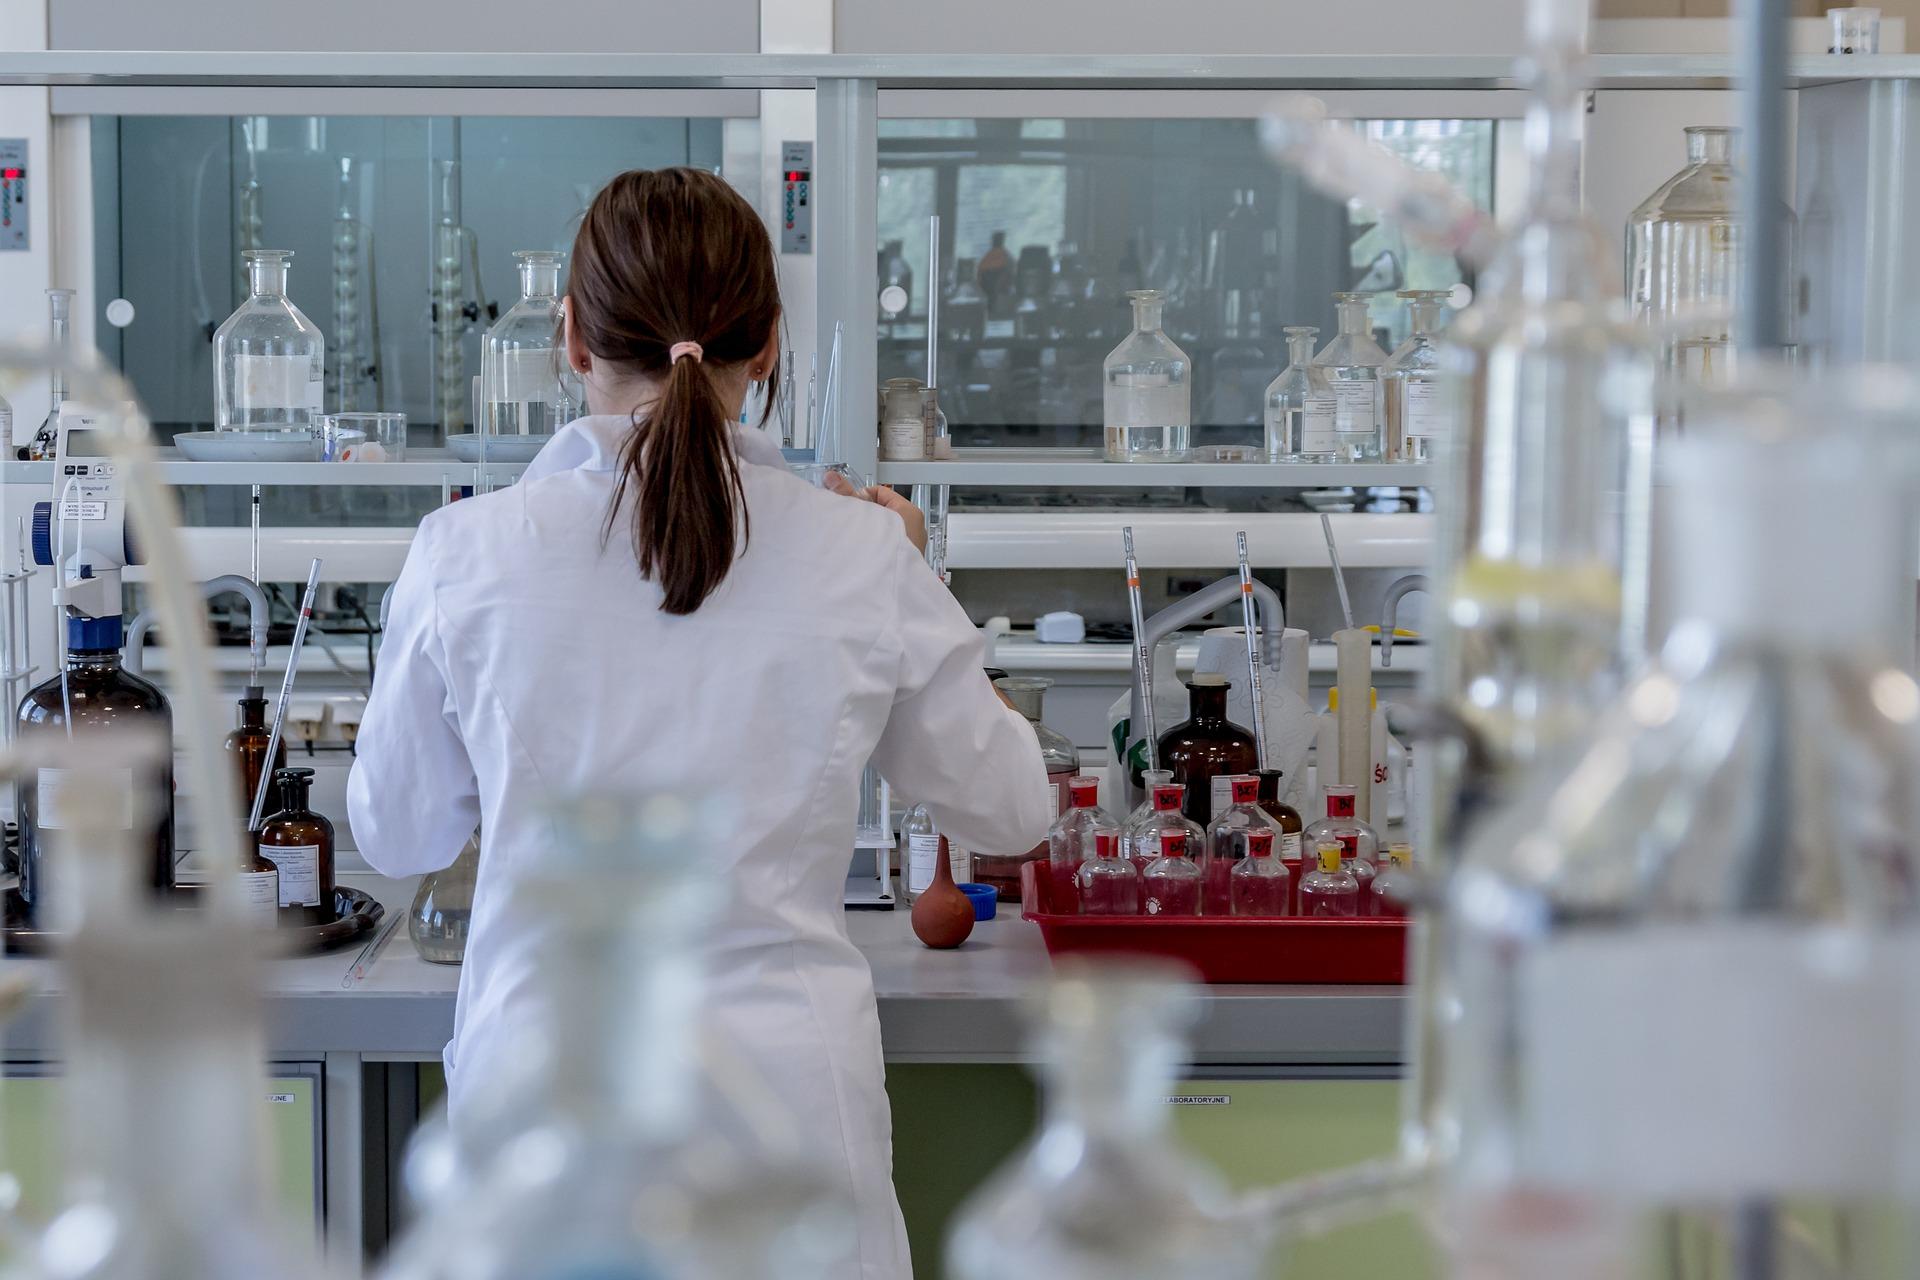 Nuevos descubrimientos sobre la función de la mitofusina 2 en el metabolismo energético de la célula